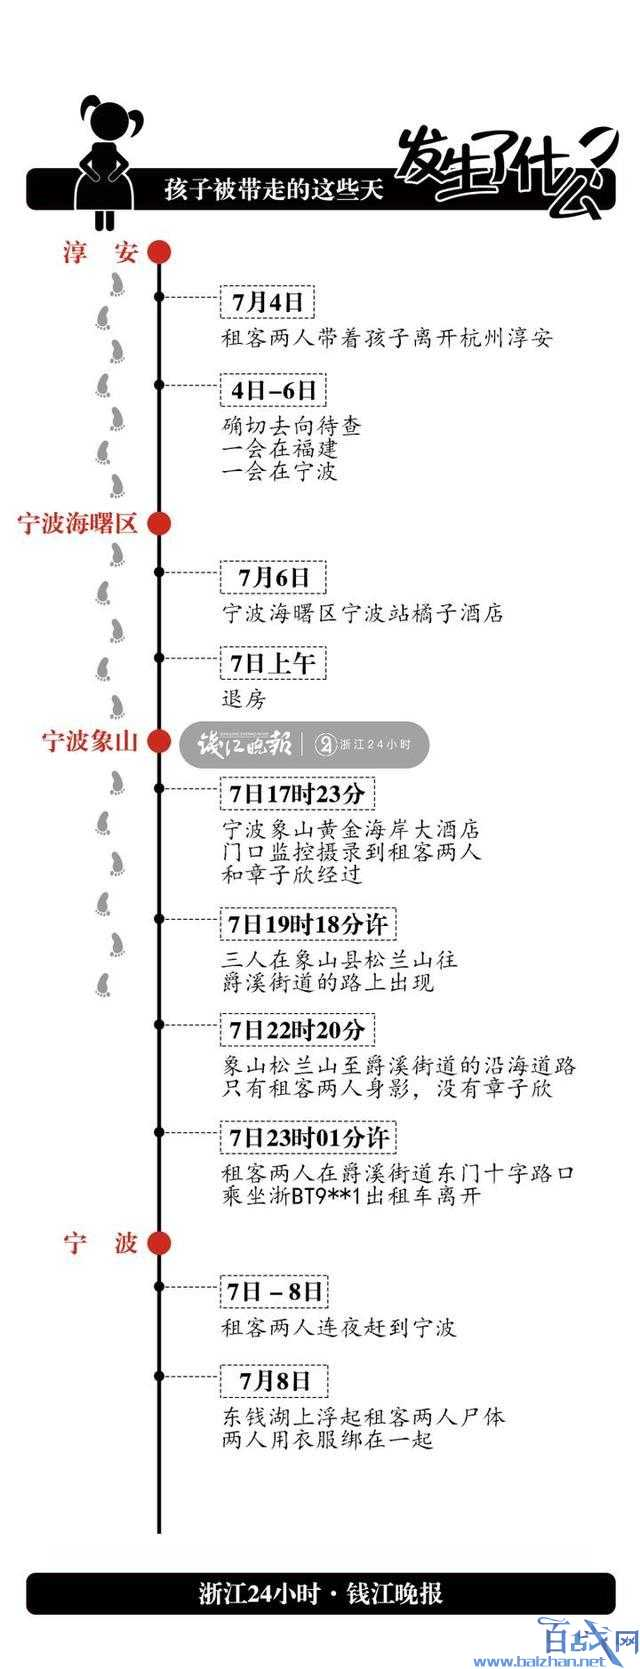 杭州租客自杀细节,杭州失联女童,杭州女童失联租客自杀